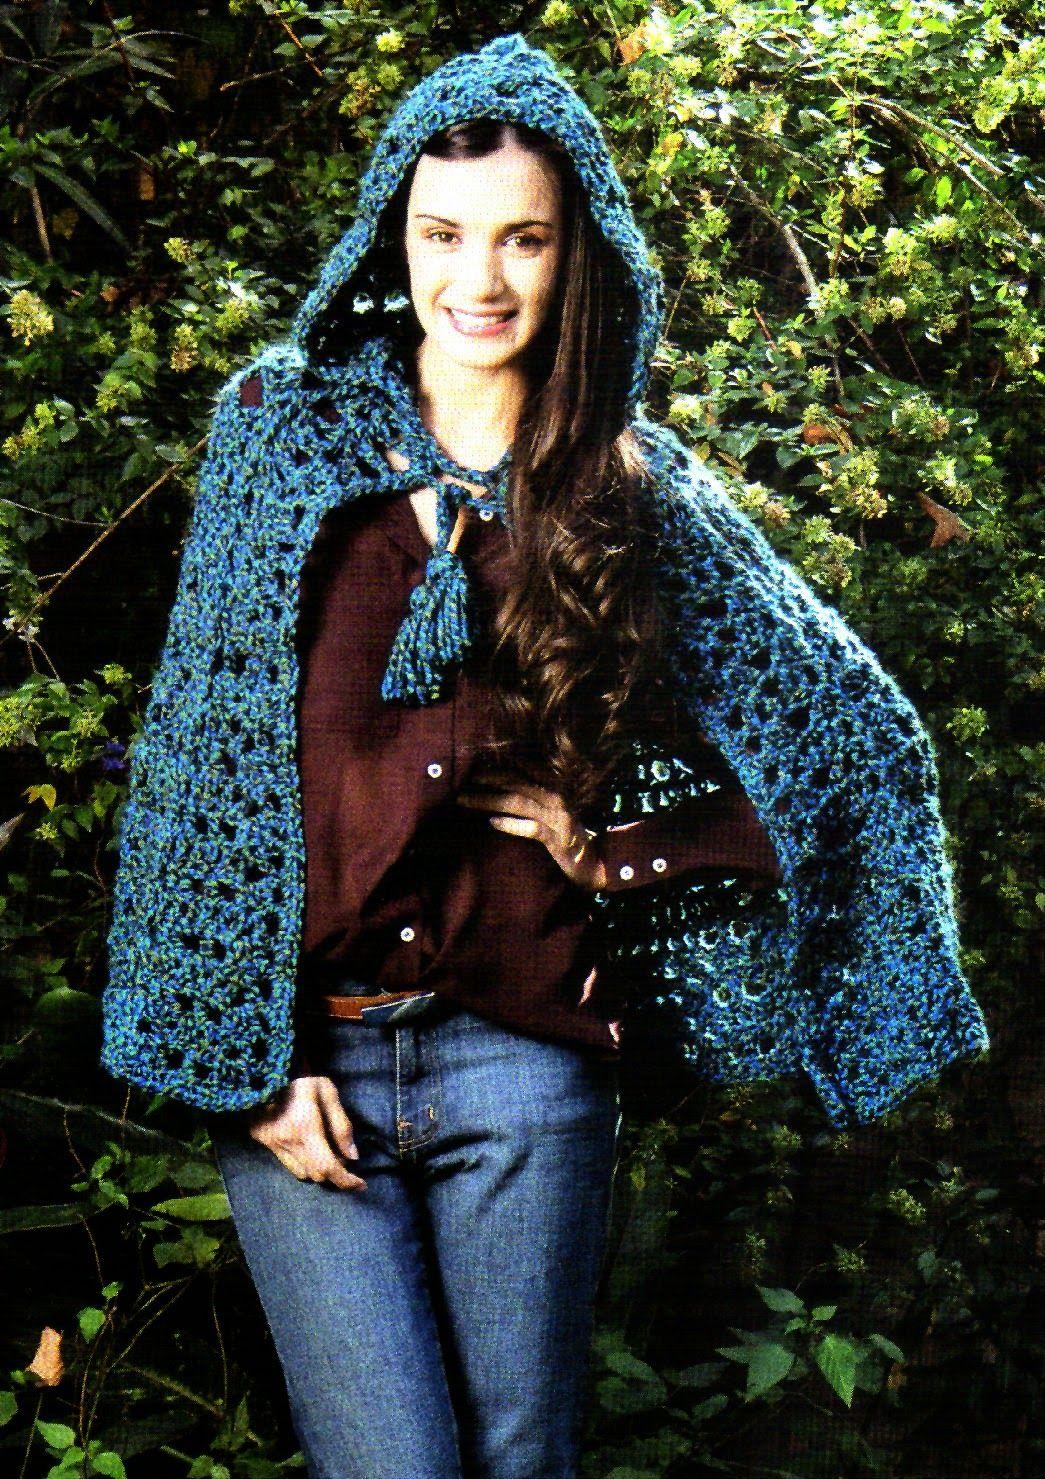 tejidos artesanales: capa con capucha en tonos azules tejida en ...